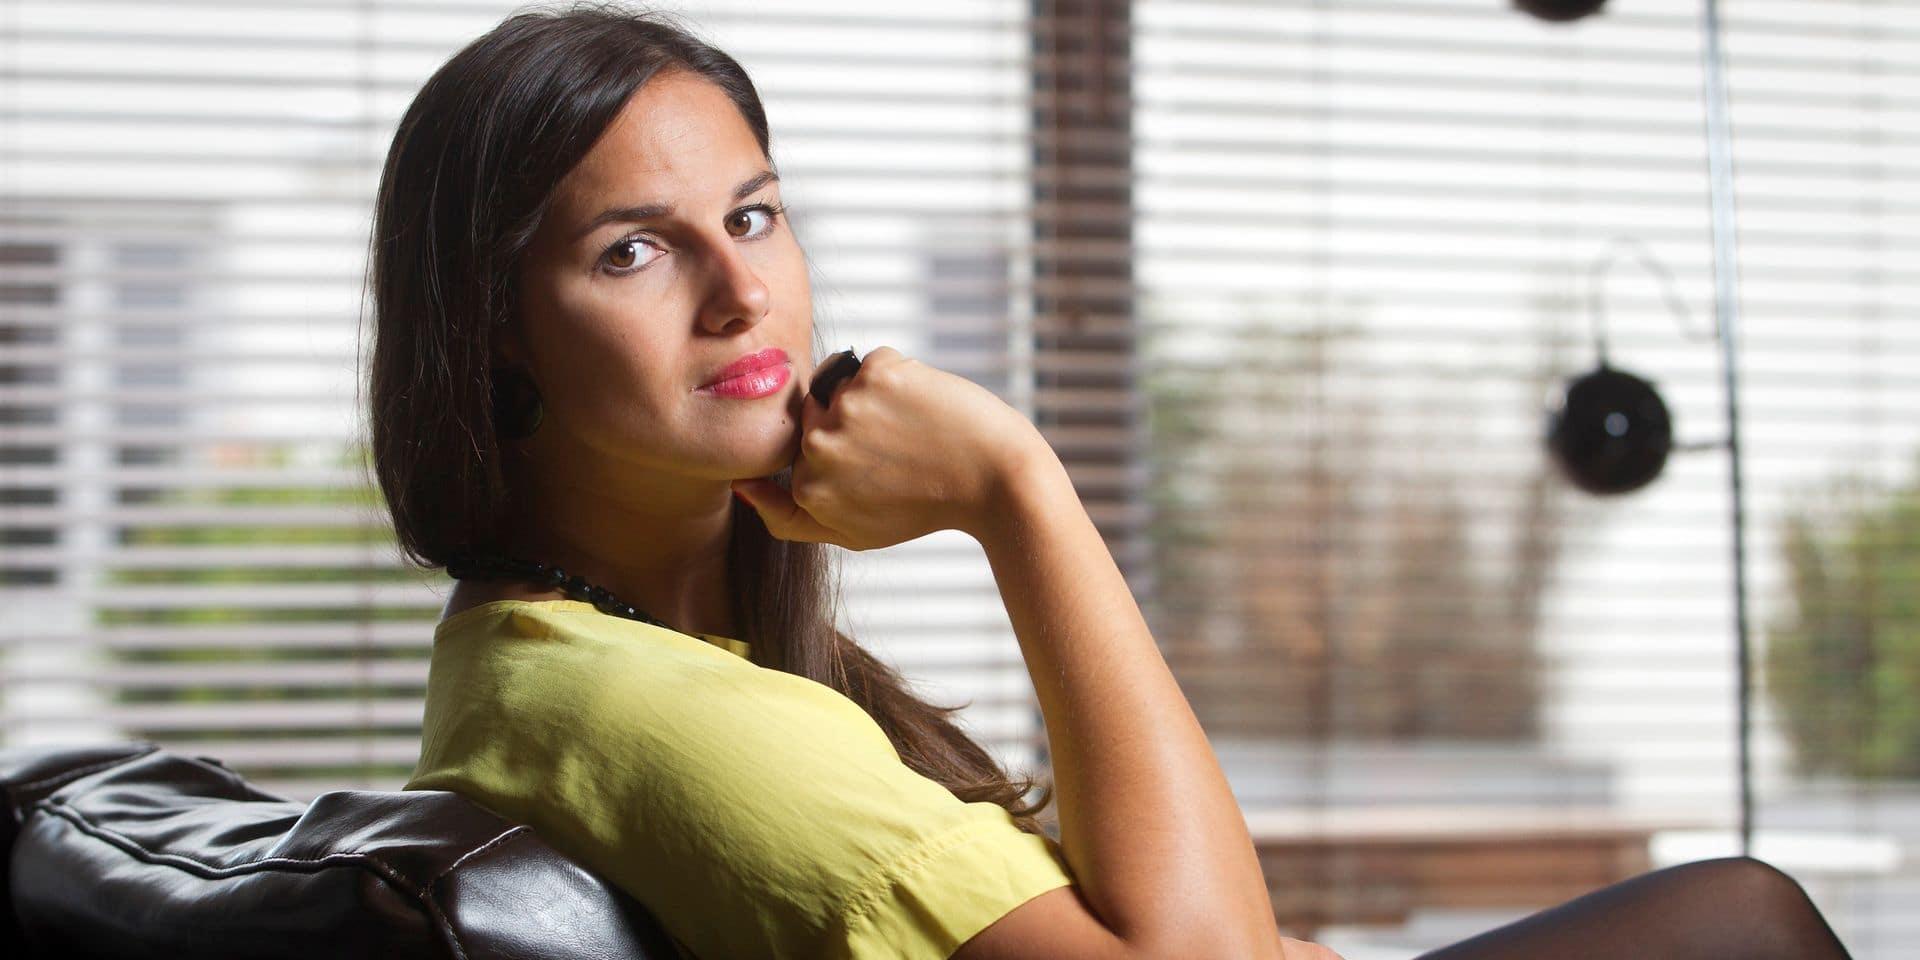 """Myriam Leroy, victime de harcèlement en """"raid"""" sur les réseaux sociaux: """"J'ai vécu sous protection policière"""""""